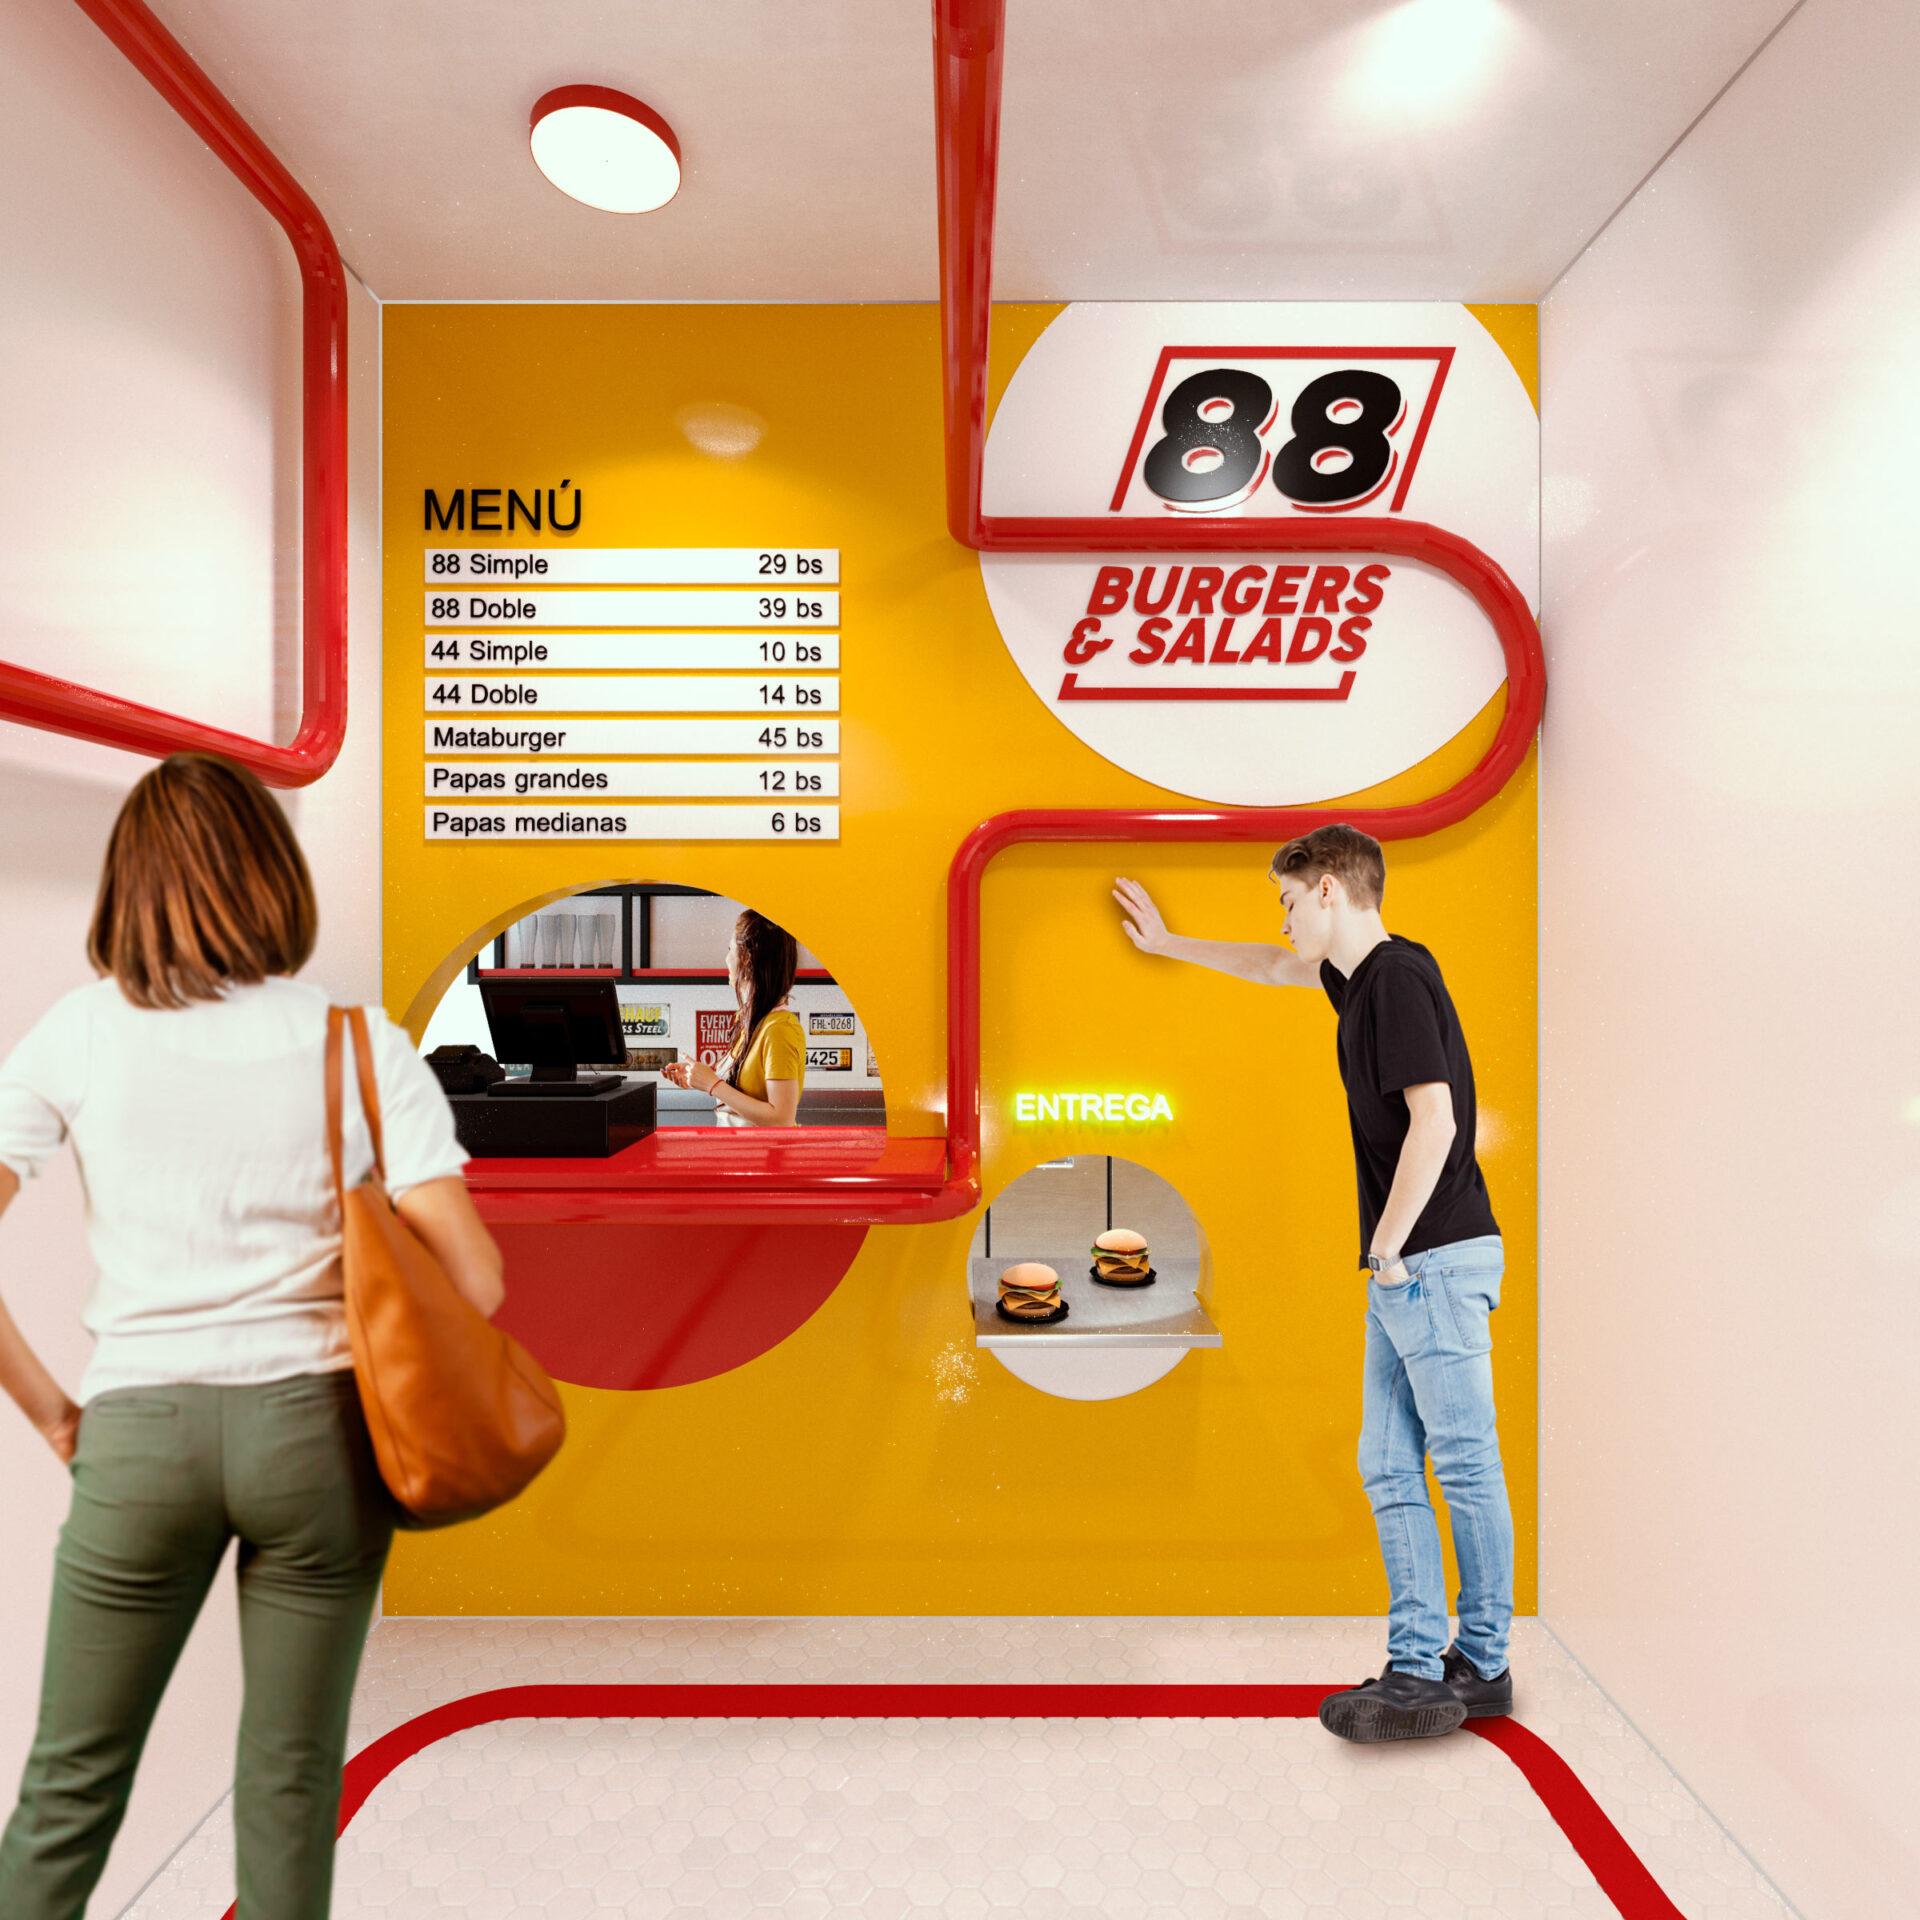 88-Burguers-04-web.jpg